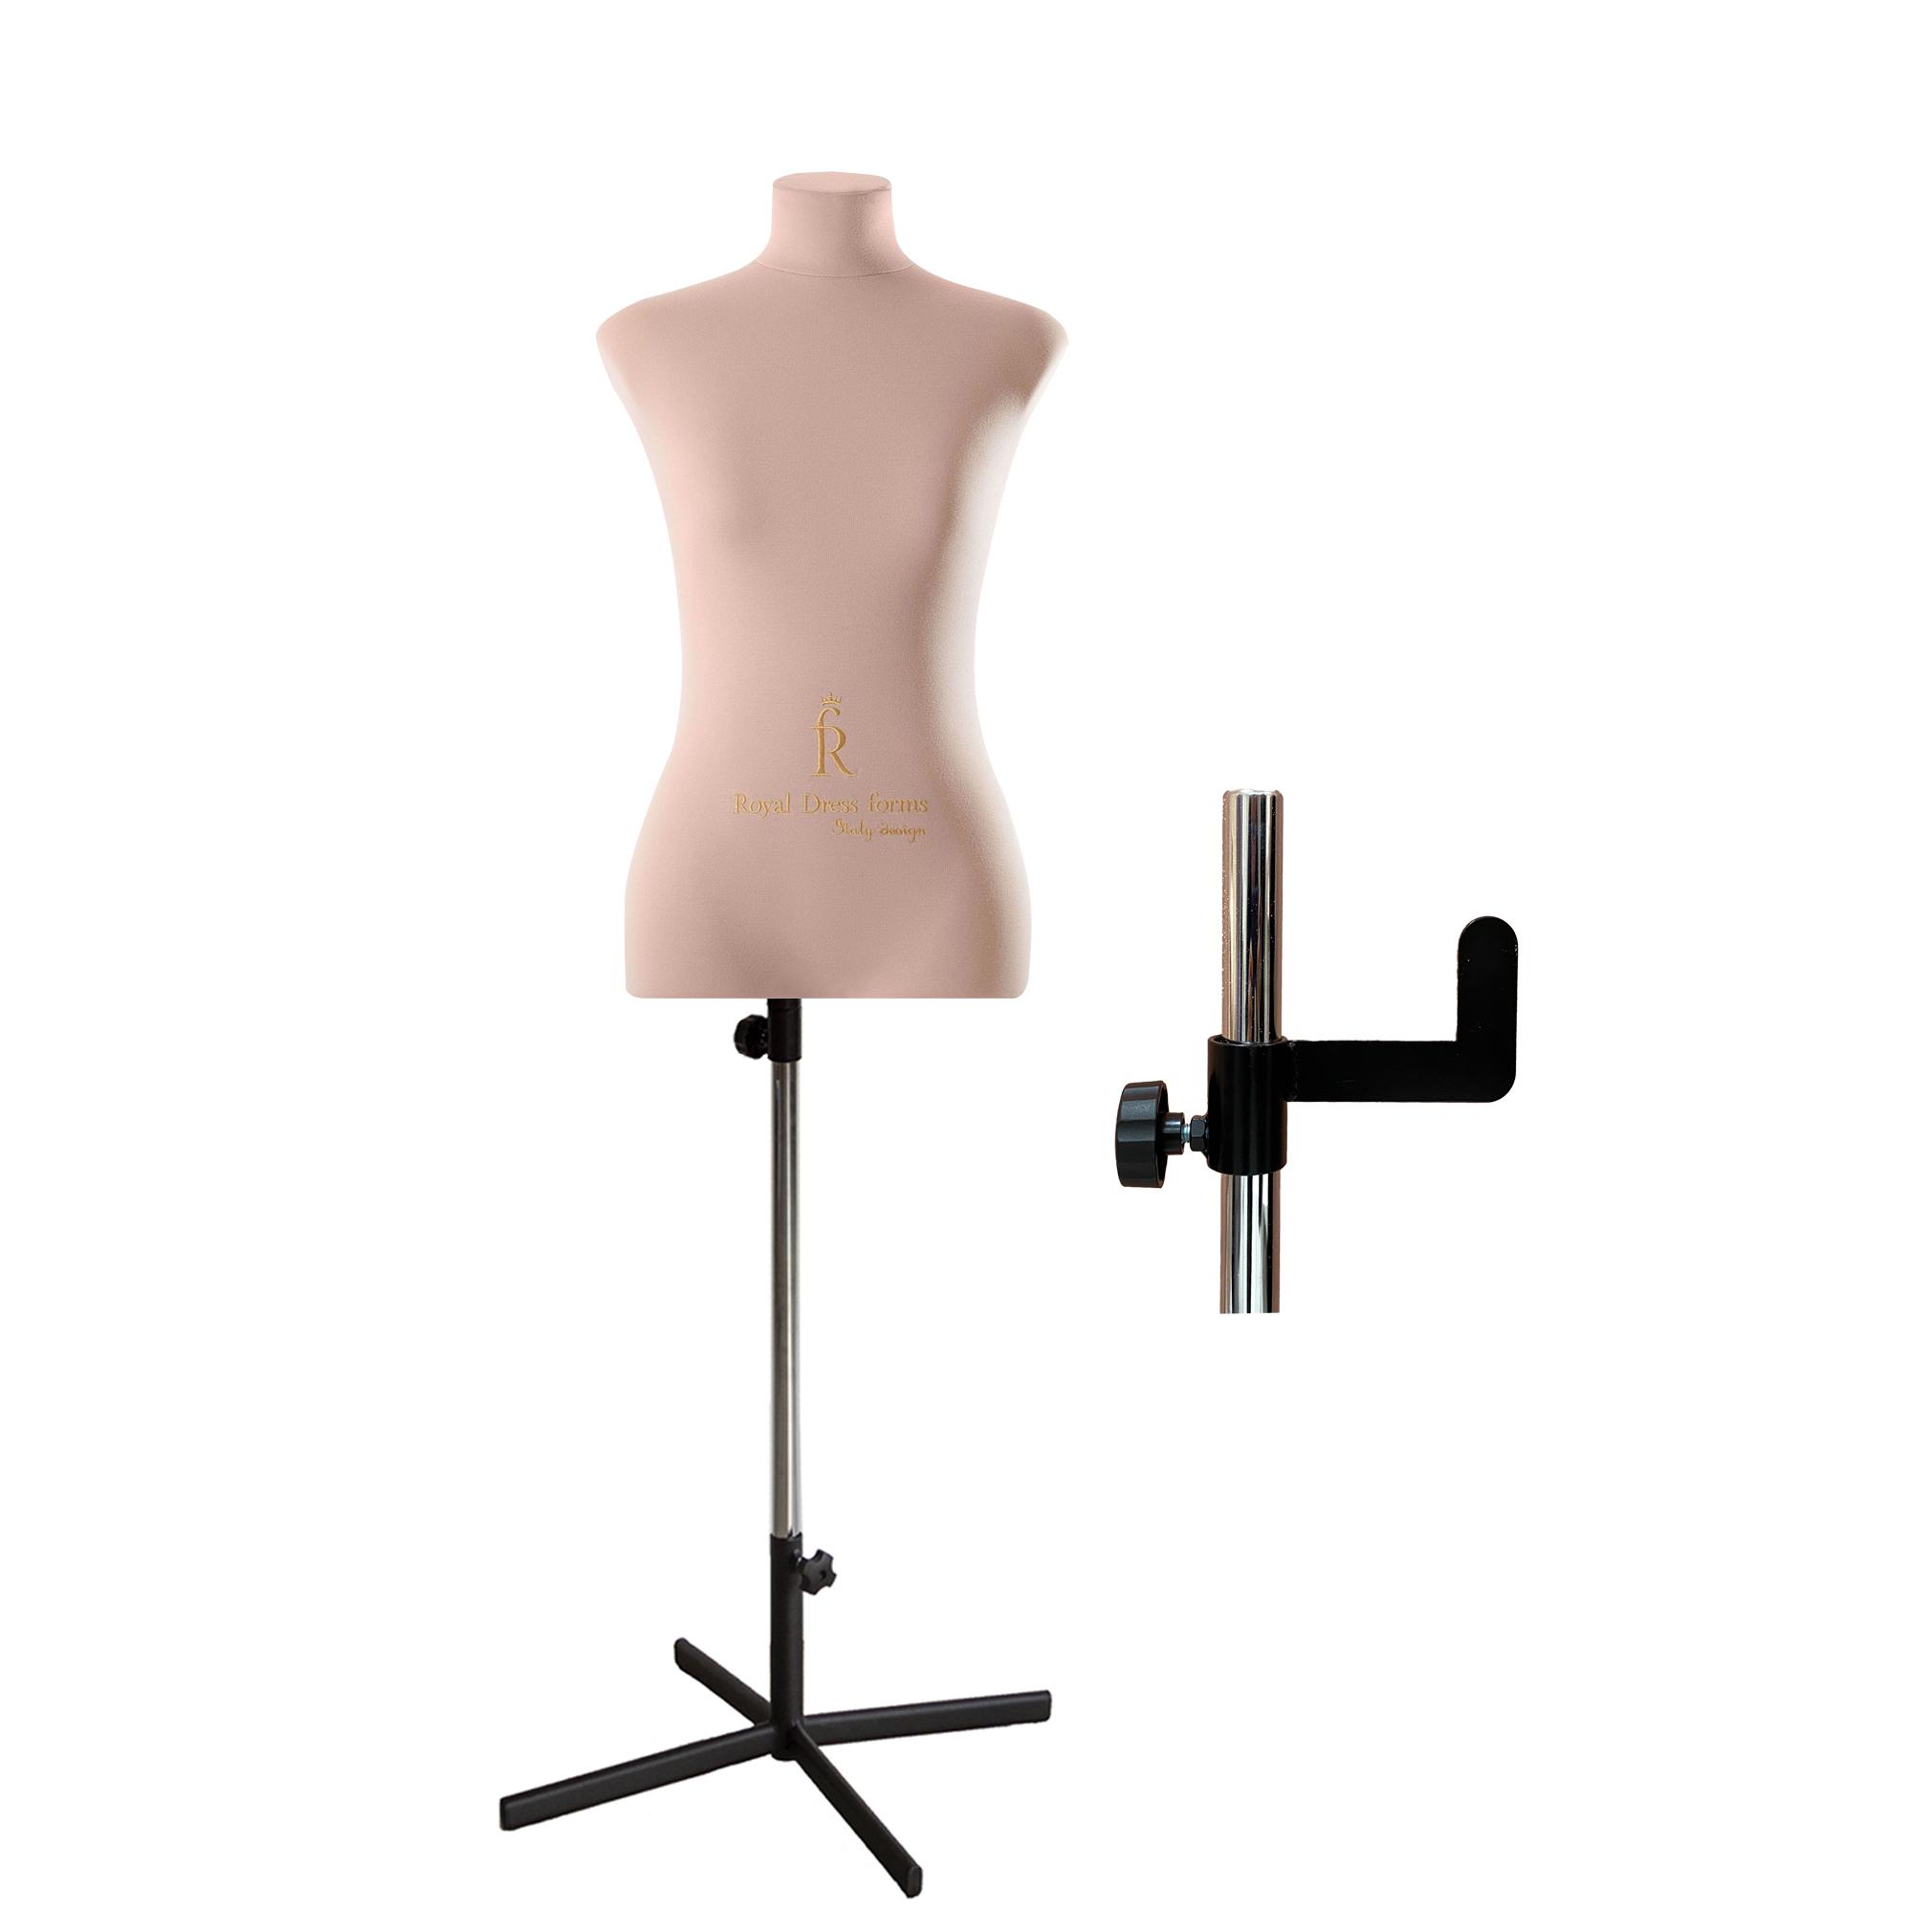 Манекен портновский Кристина, комплект Премиум, размер 52, цвет бежевый, в комплекте подставка